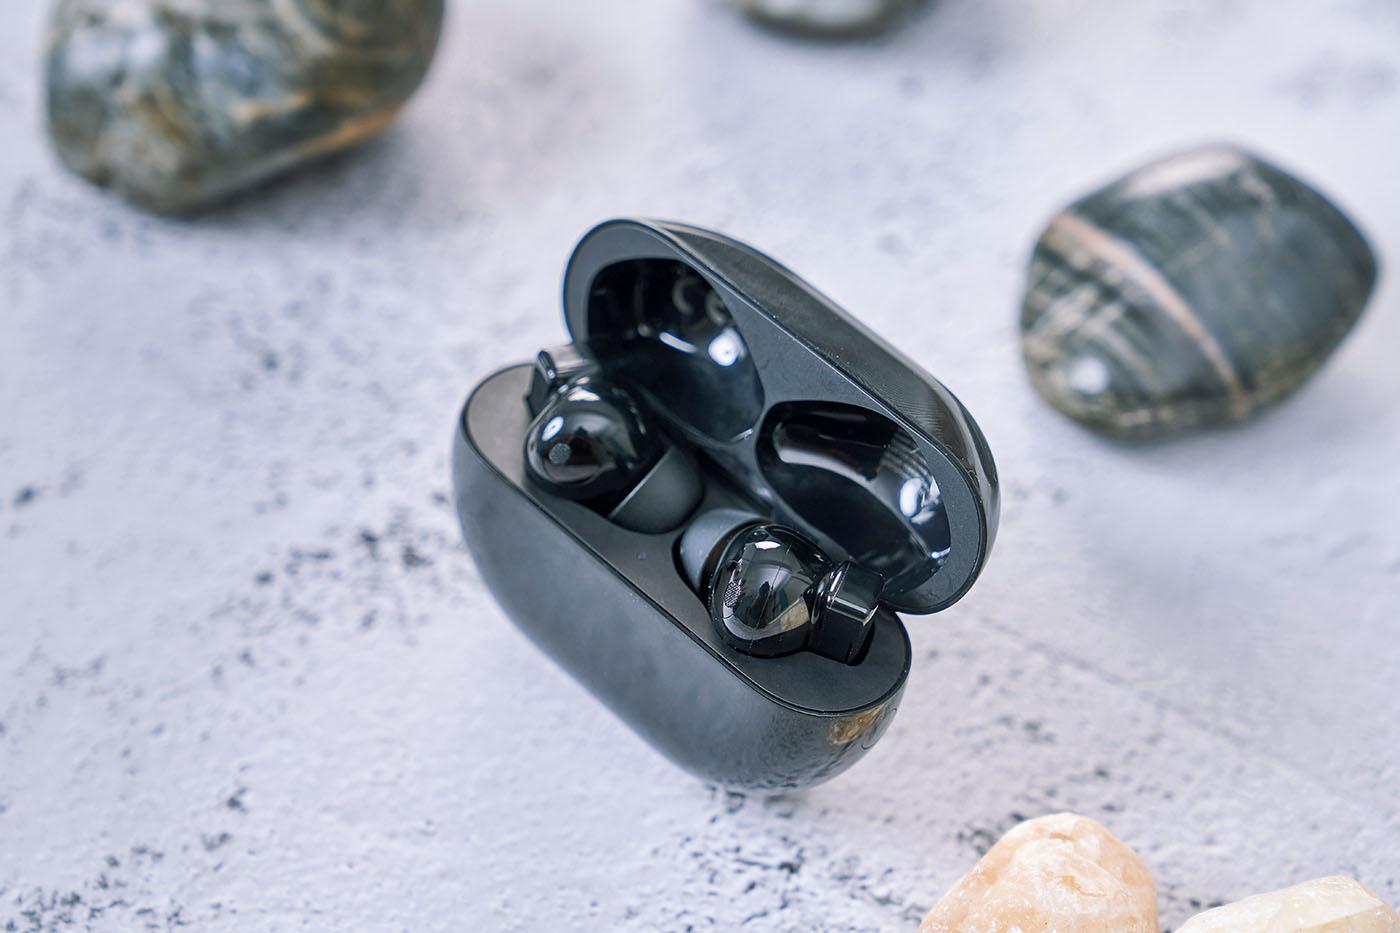 打開充電盒外蓋後,可以看到內部放置的FreeBuds Pro 耳機本體,而盒內凹槽形狀能與耳機外型緊密貼合,做工精緻。